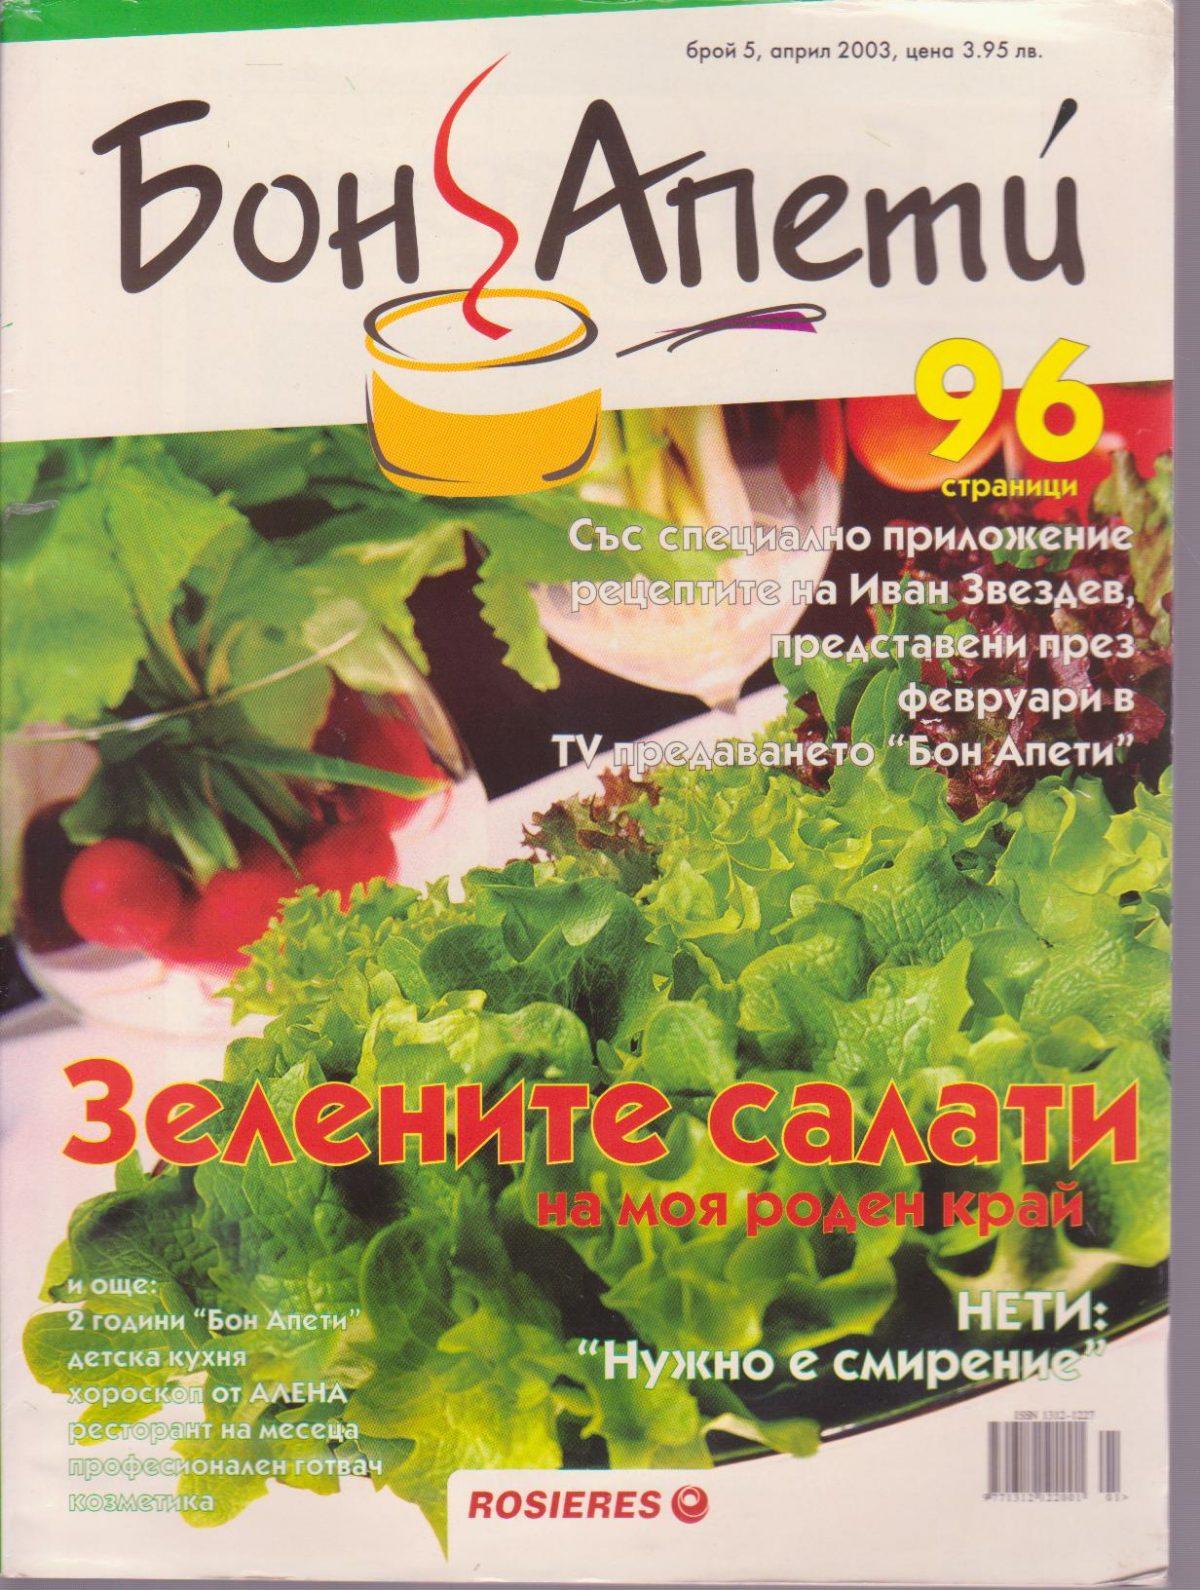 Bon Apeti 2003 05